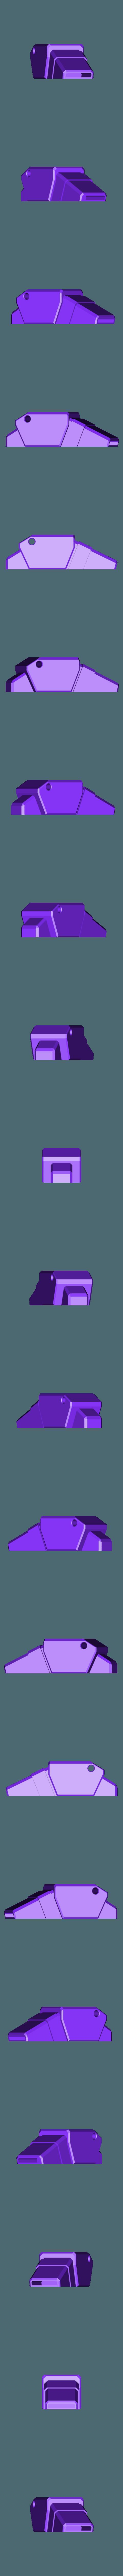 Foot-Left-Blue.stl Télécharger fichier STL gratuit Big Optimus Prime! - Modèle multi-matériaux • Plan pour imprimante 3D, ChaosCoreTech